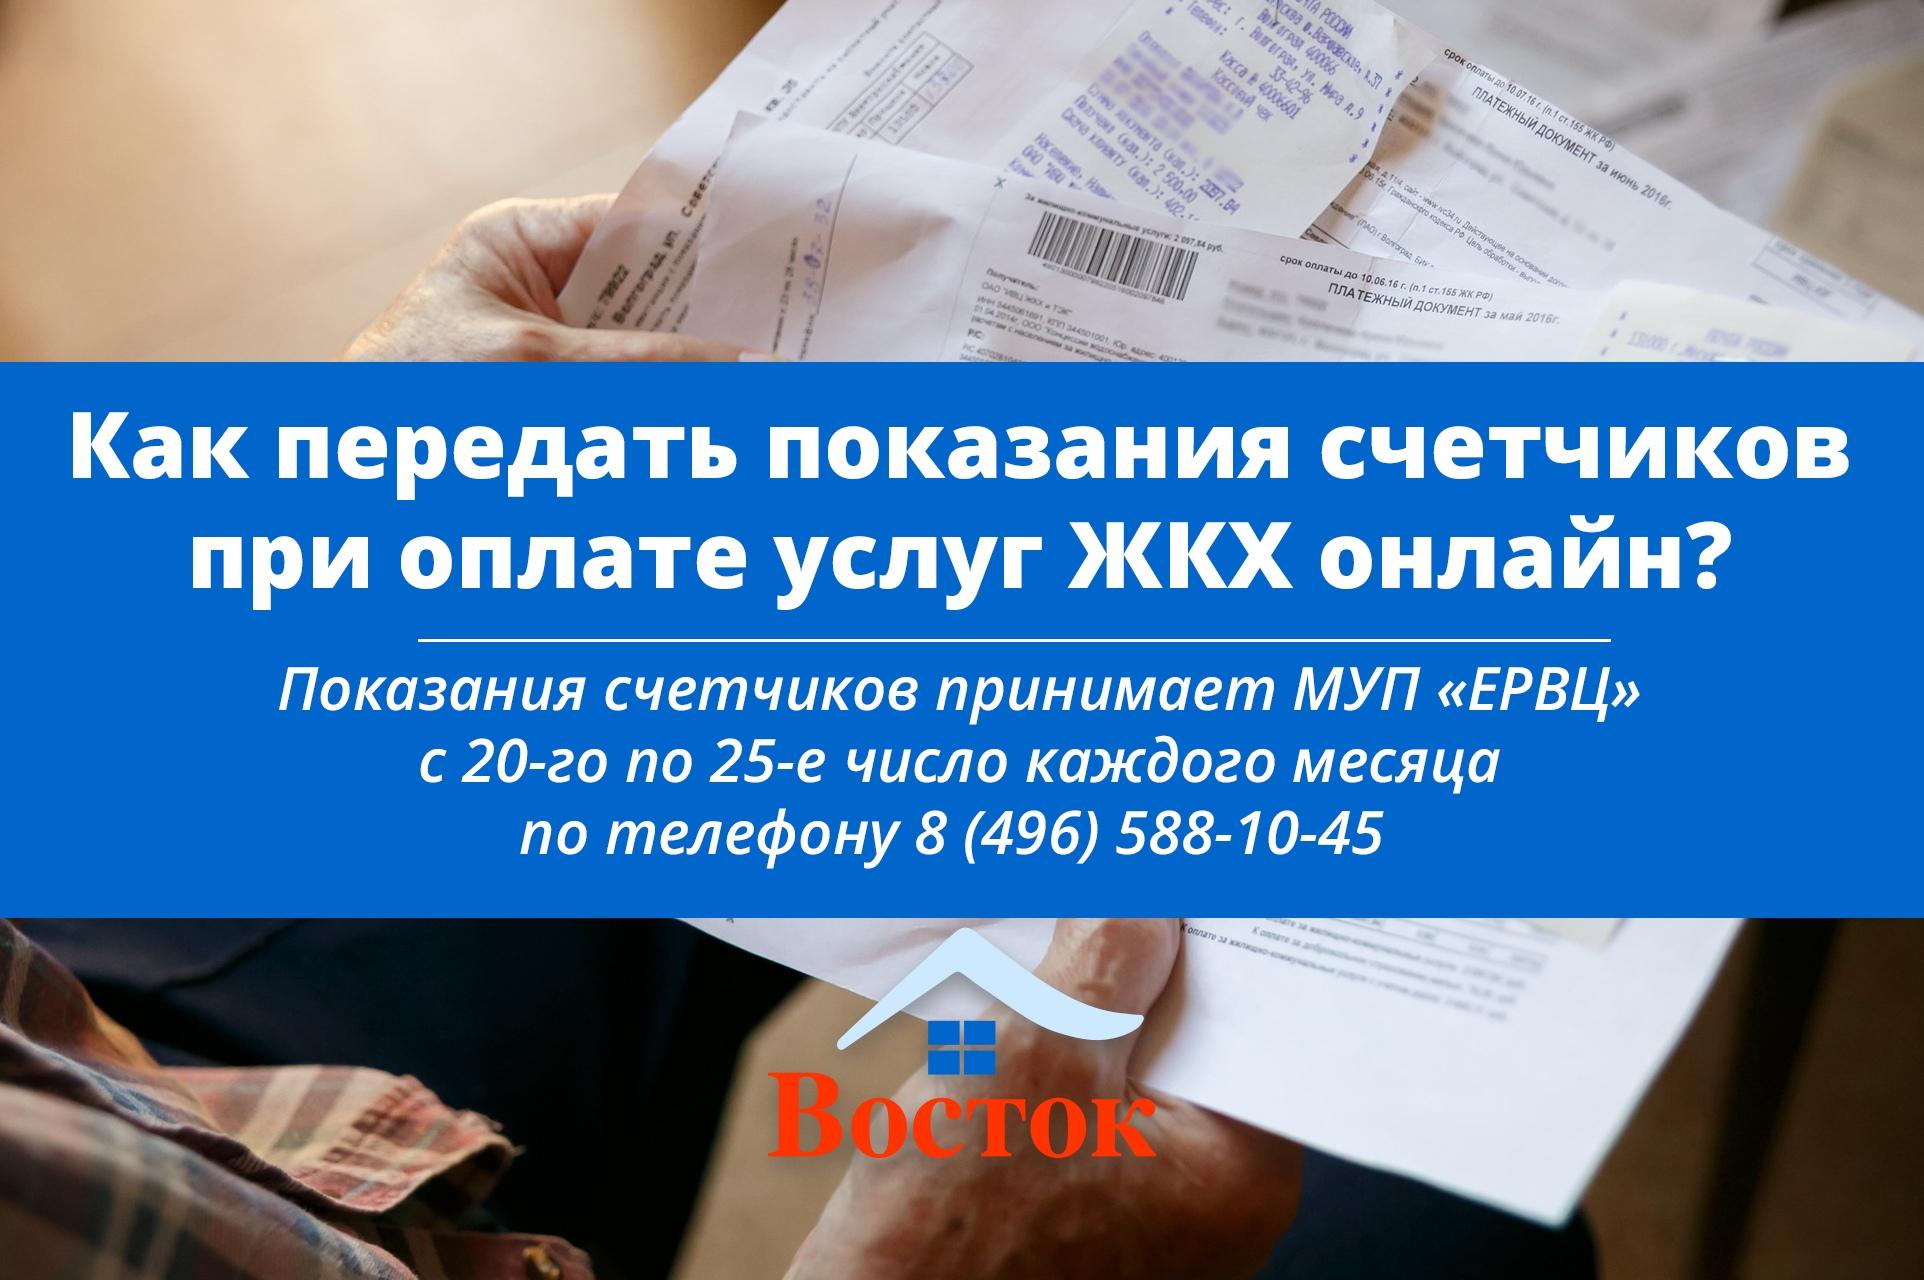 Как передать показания счетчиков при оплате услуг ЖКХ онлайн?